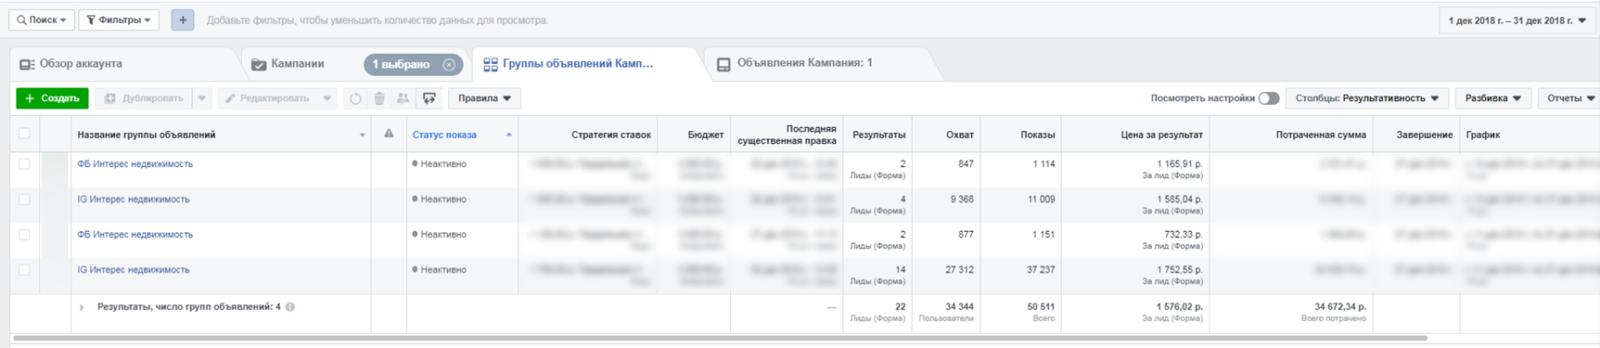 статистика из личного кабинета facebook и instagram